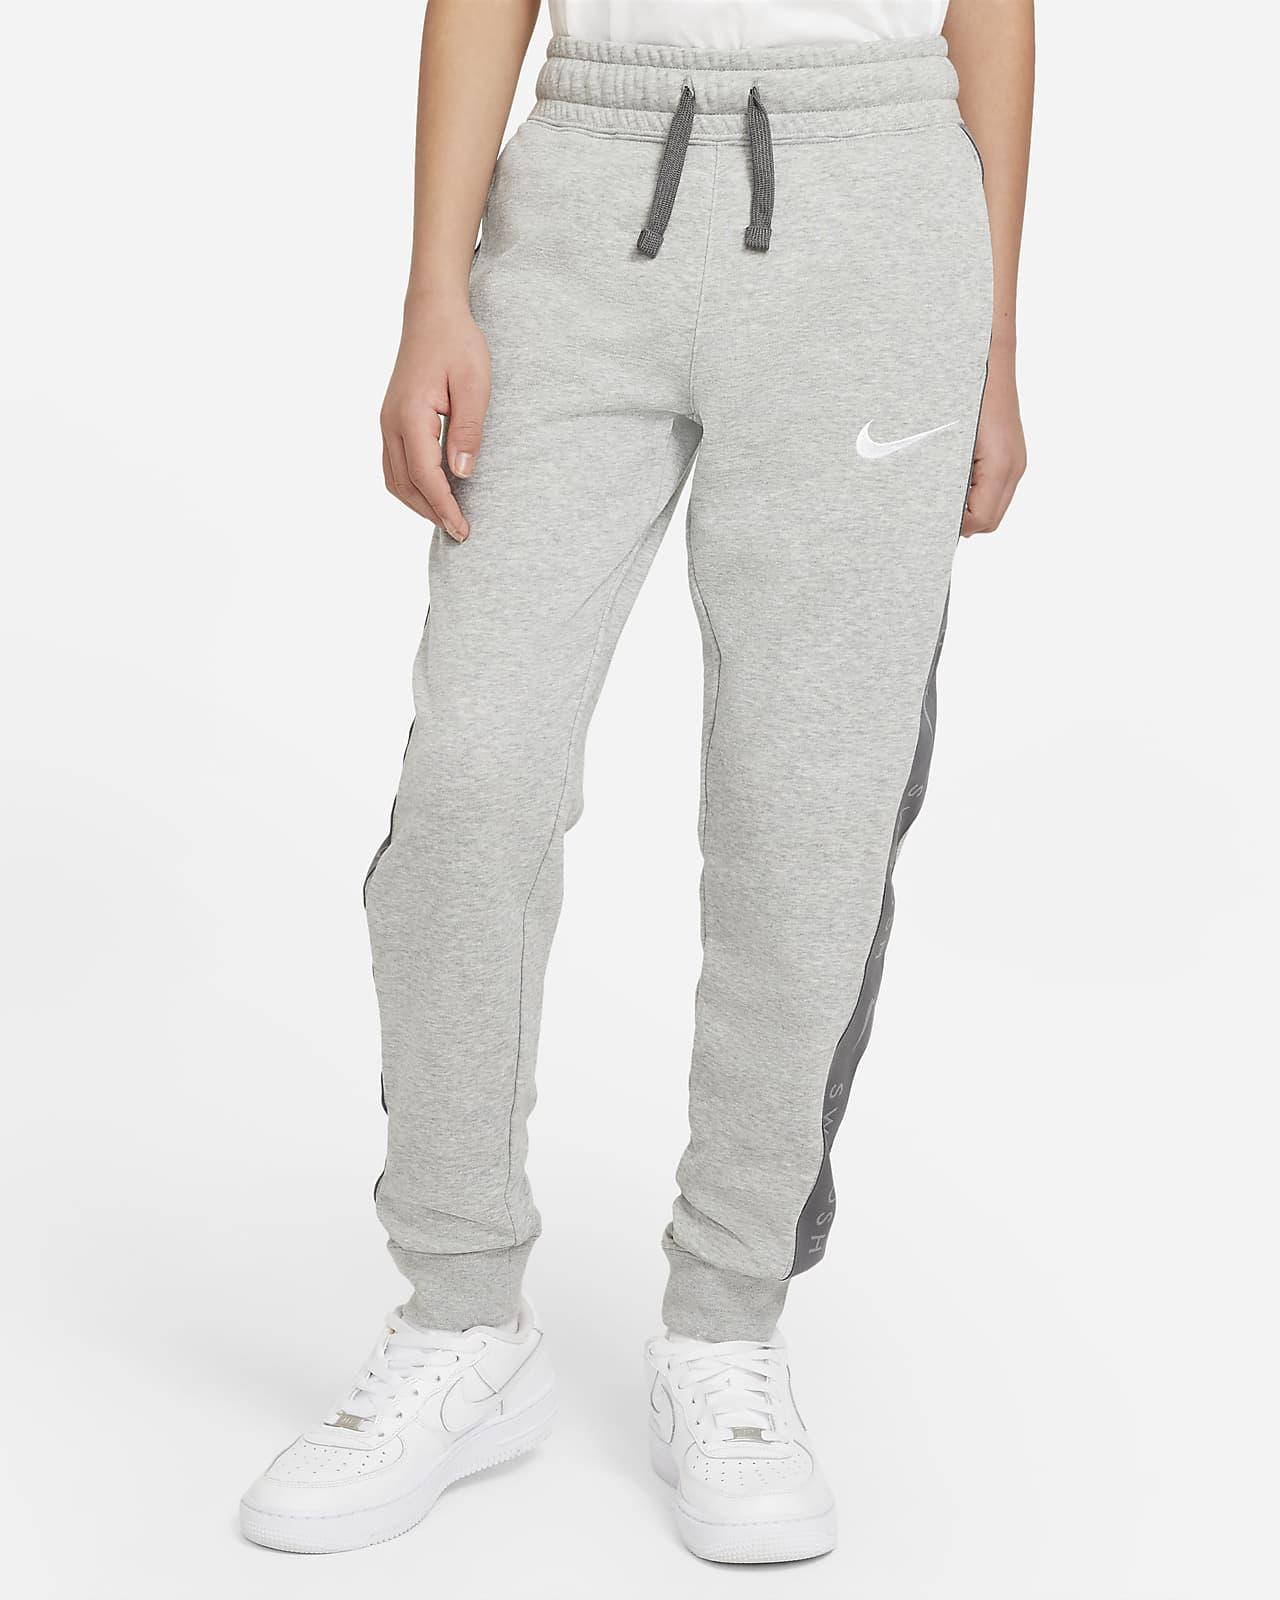 Nike Sportswear Swoosh Older Kids' (Boys') Fleece Trousers